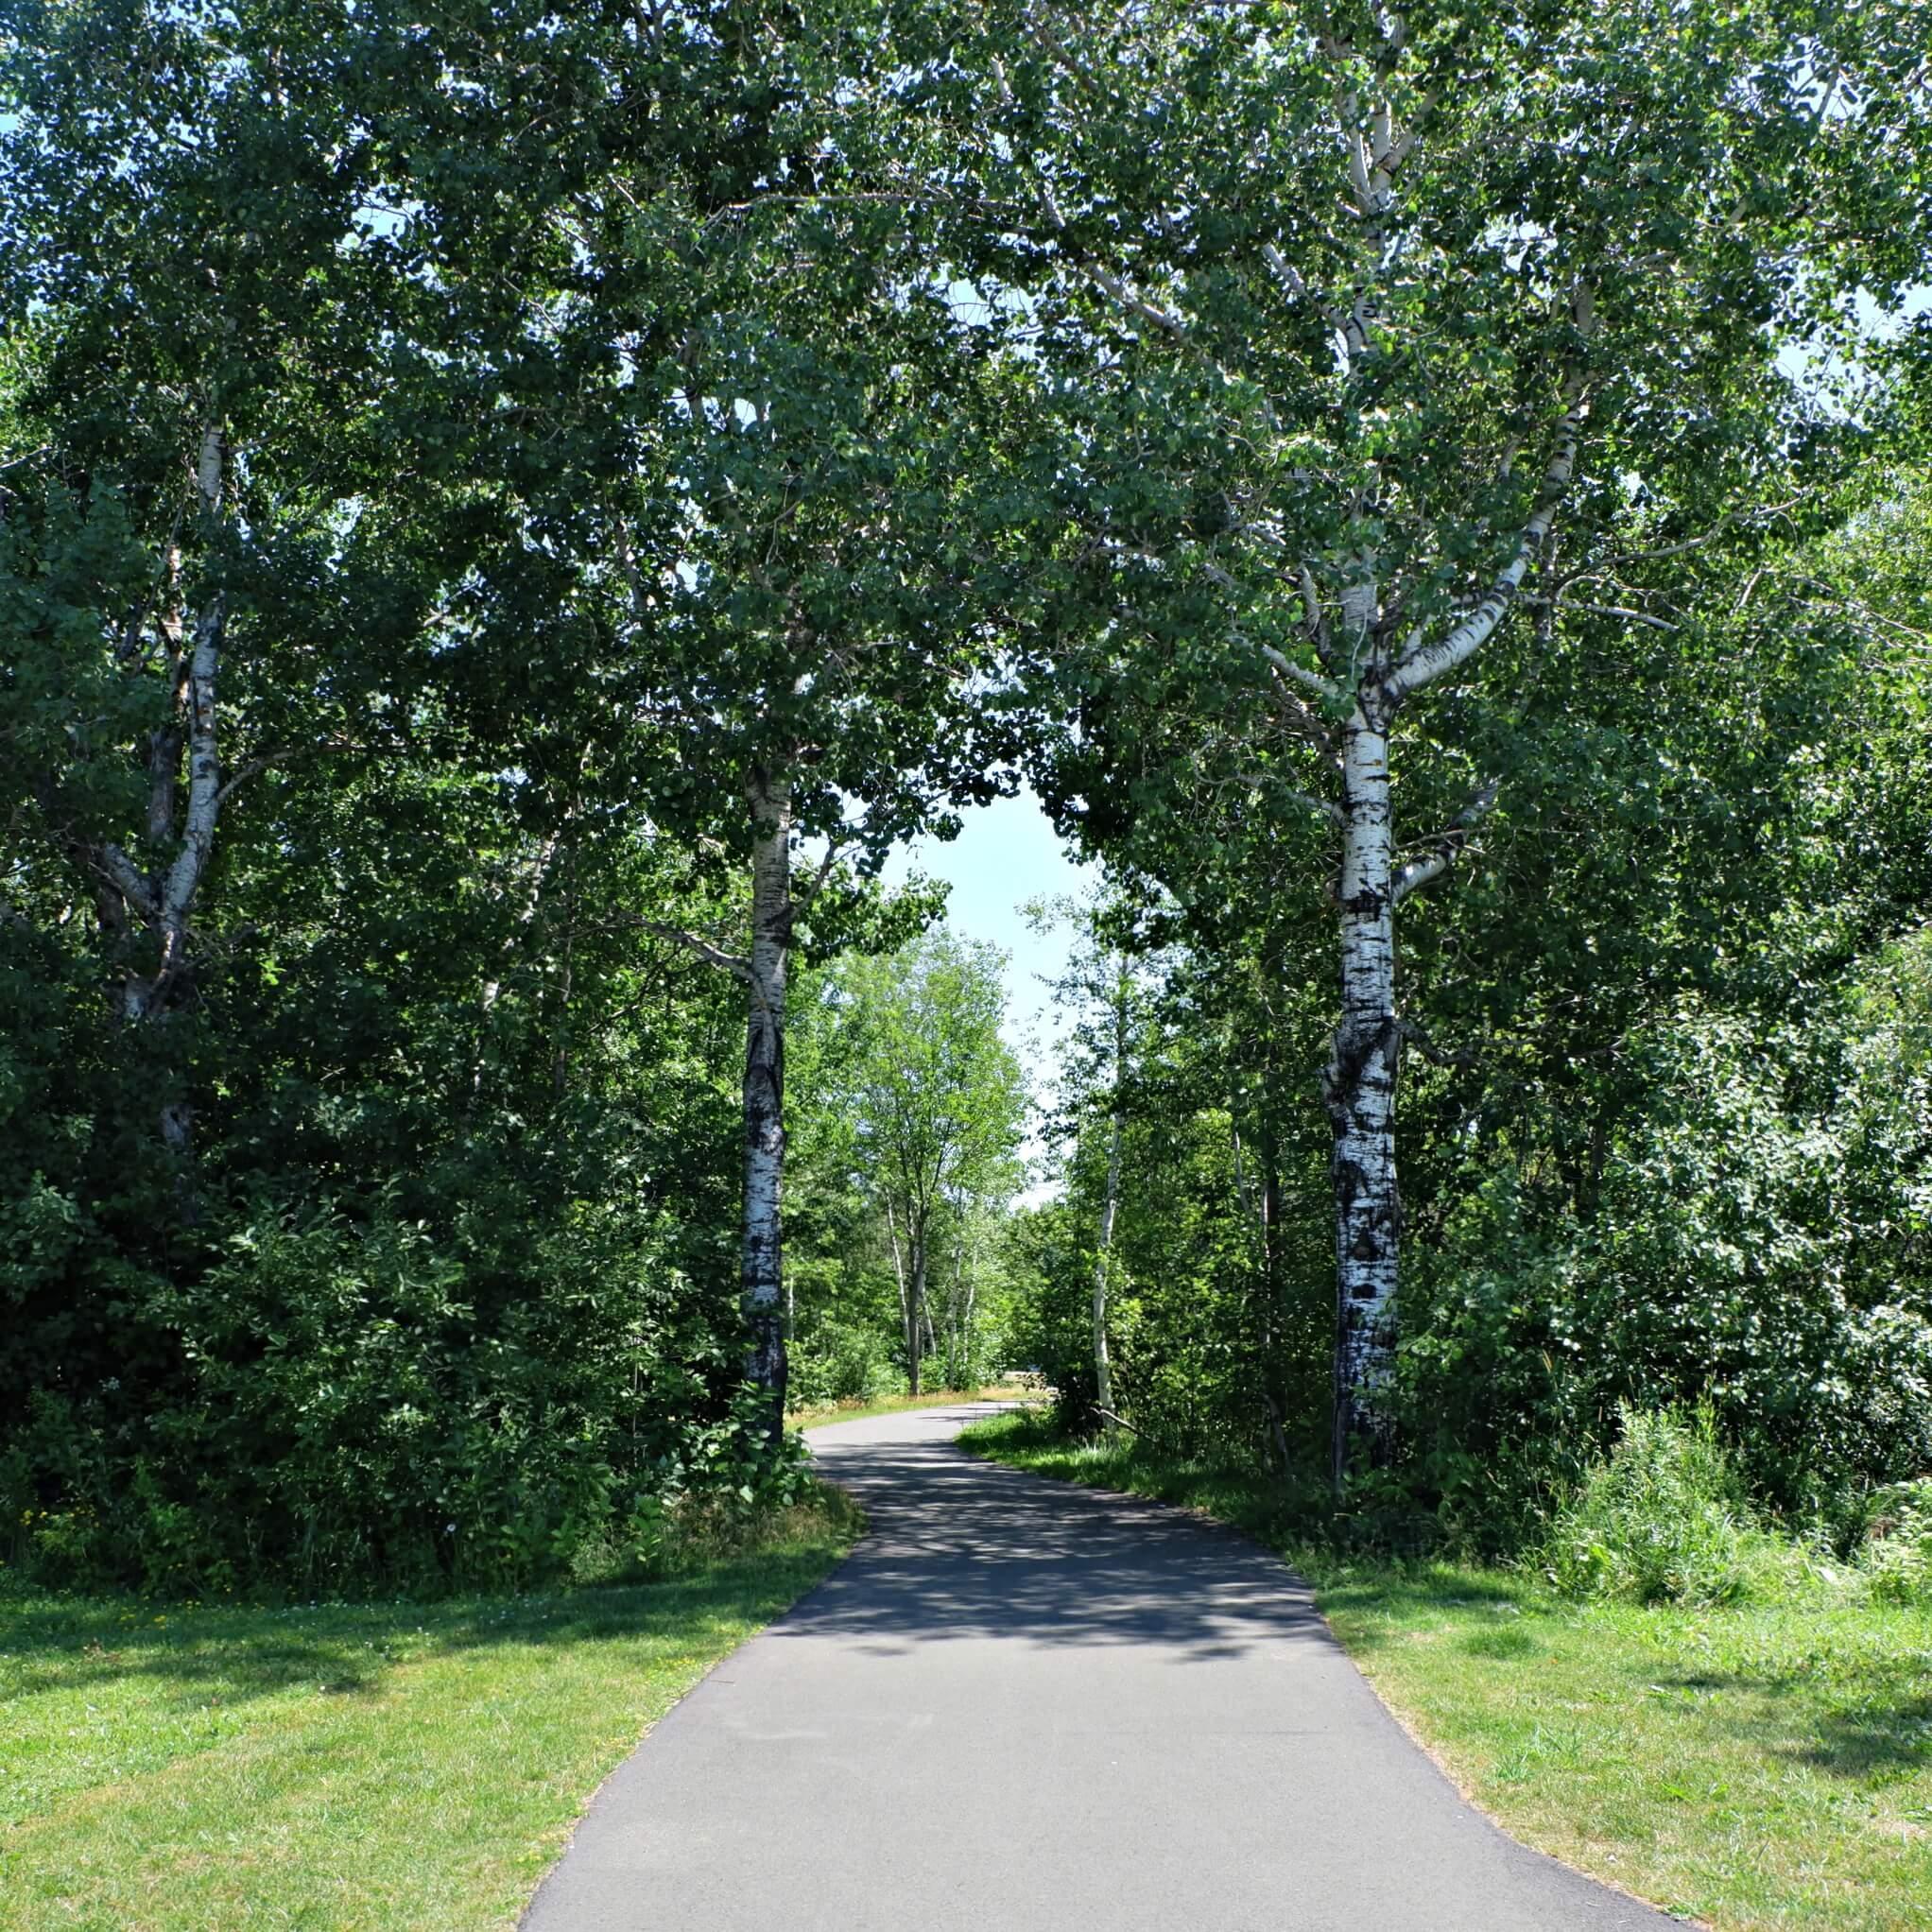 maplehurst park playground moncton riverview dieppe best play new brunswick trail bike biking